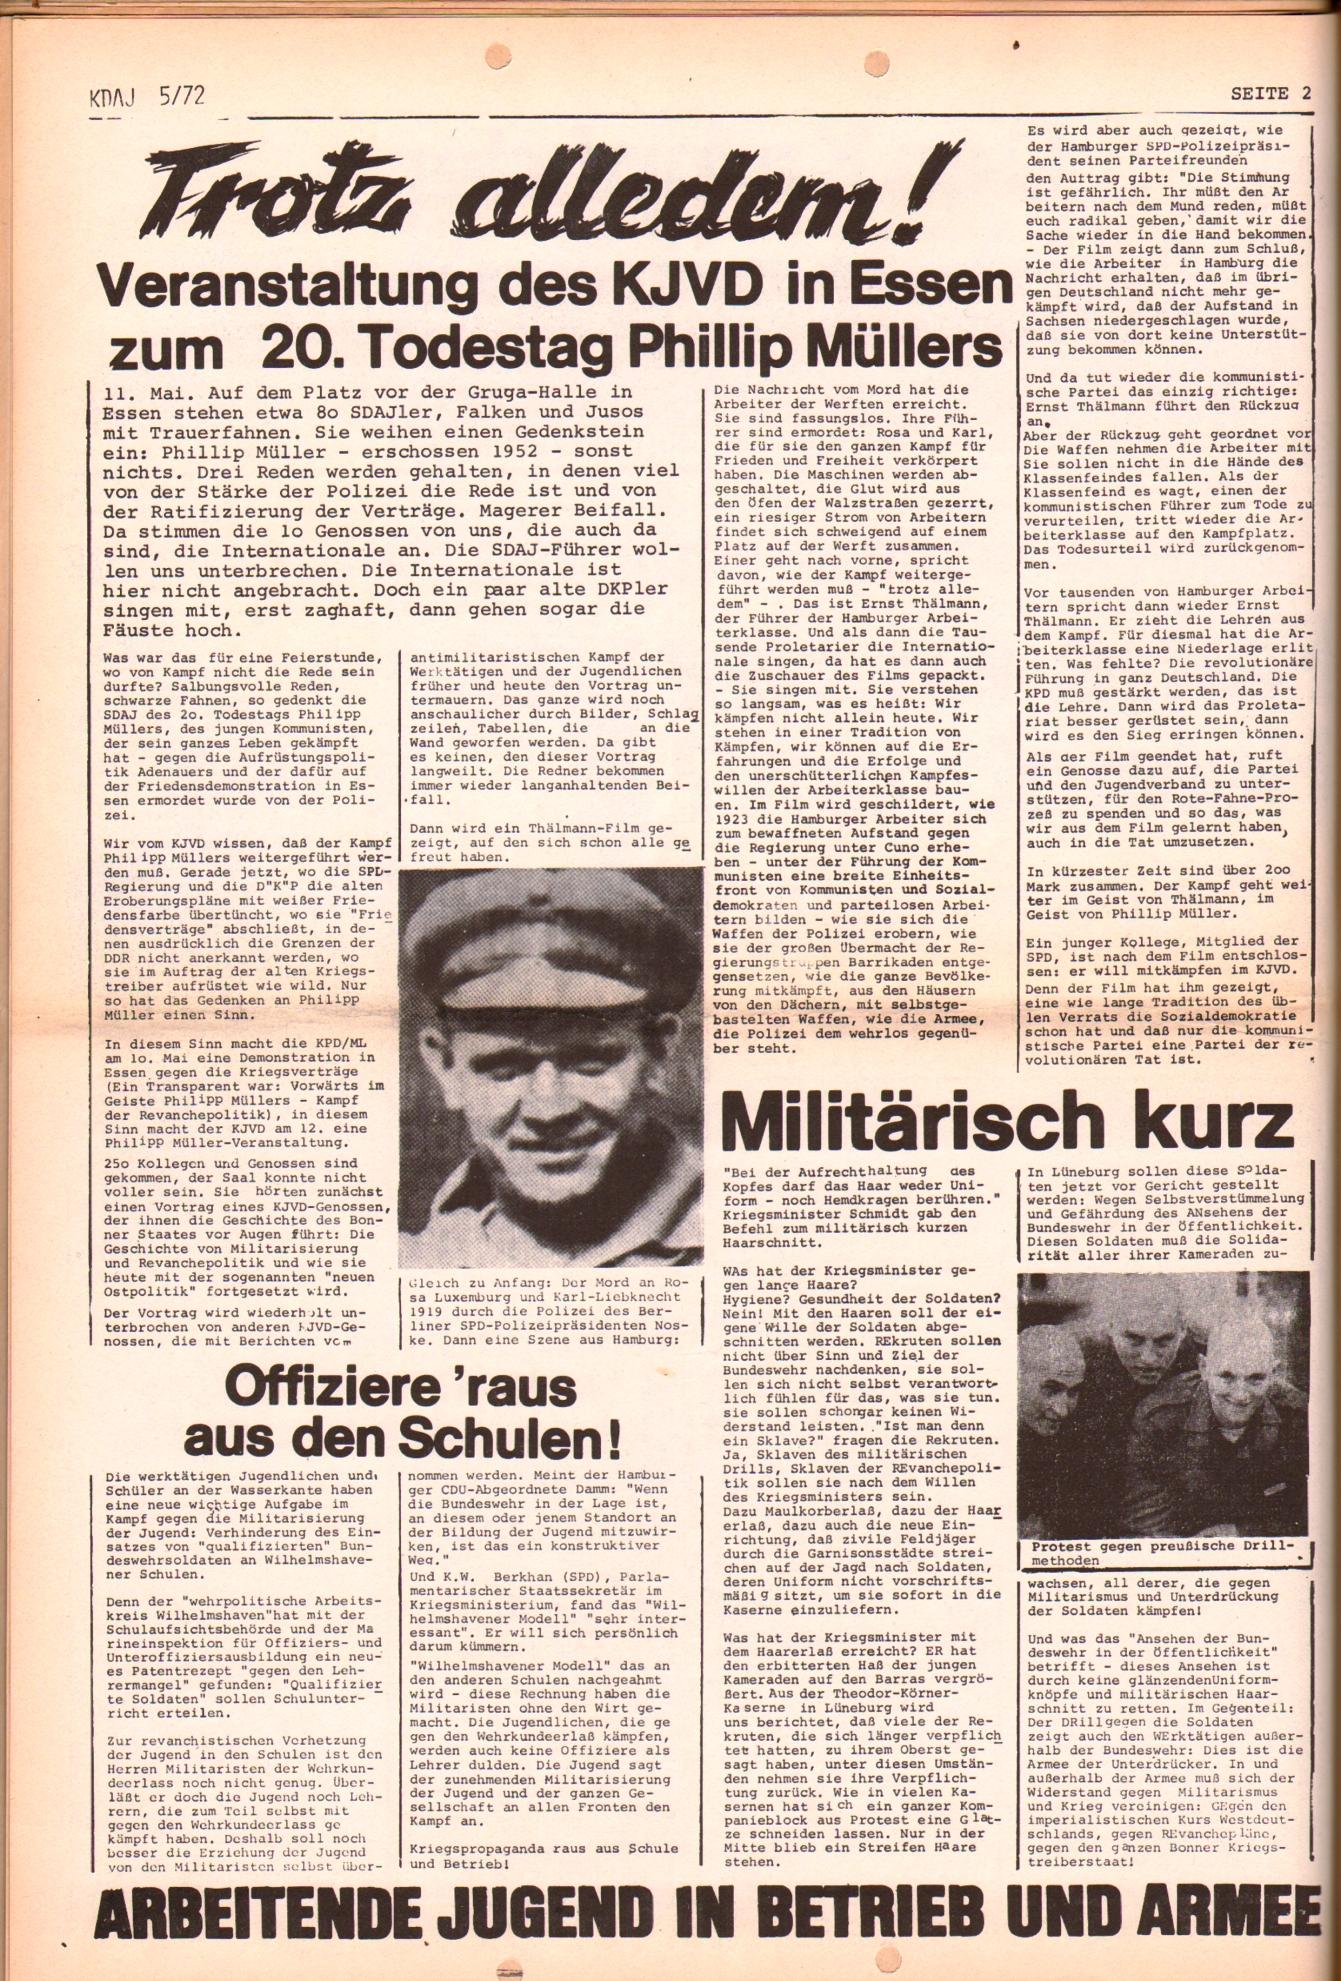 KDAJ, 3. Jg., Juni 1972, Nr. 5, Seite 2